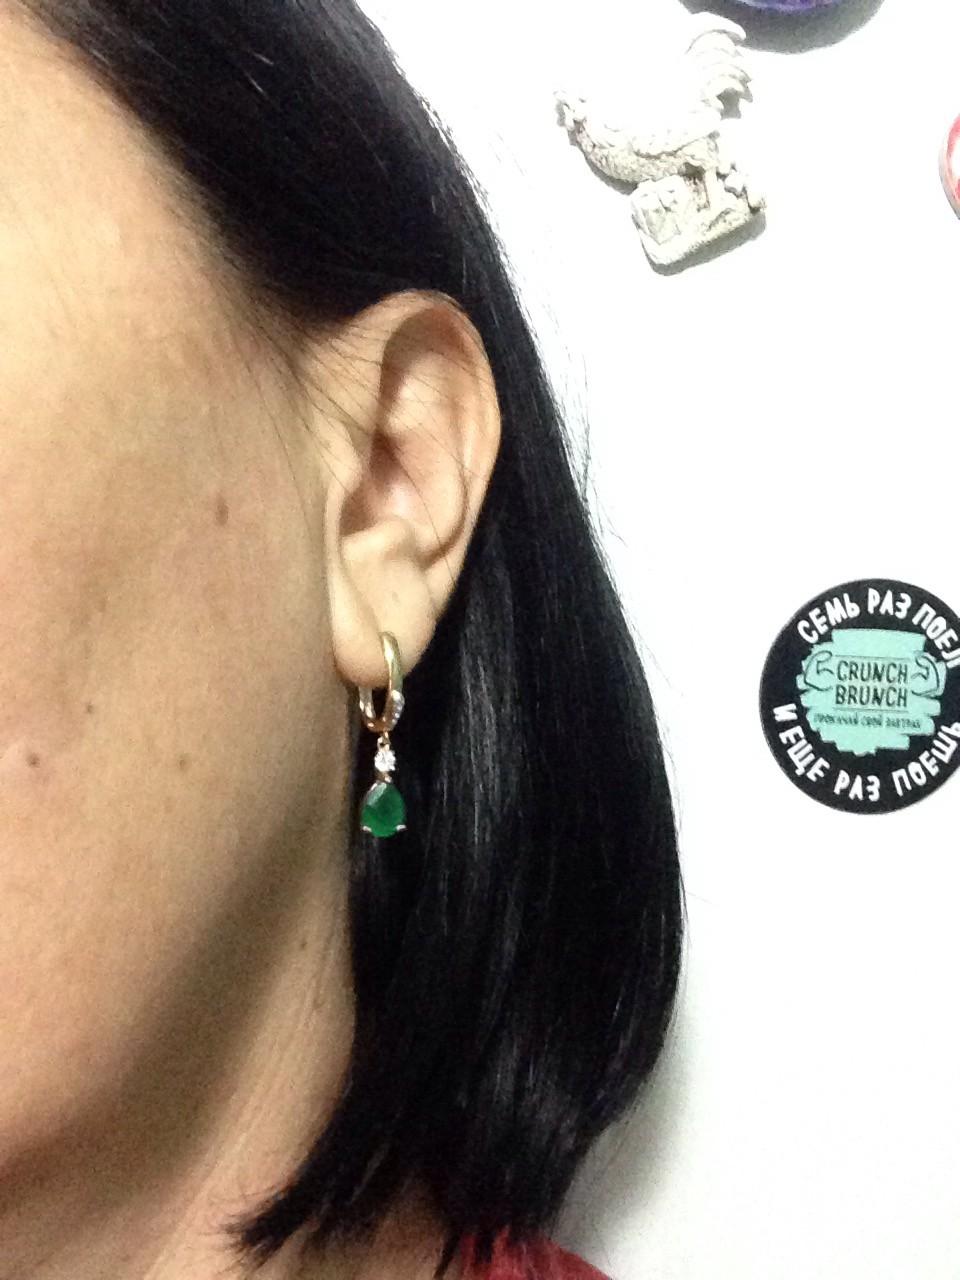 Чудесные серьги! зеленый живой камушек и на ушке невесомые как перышко!